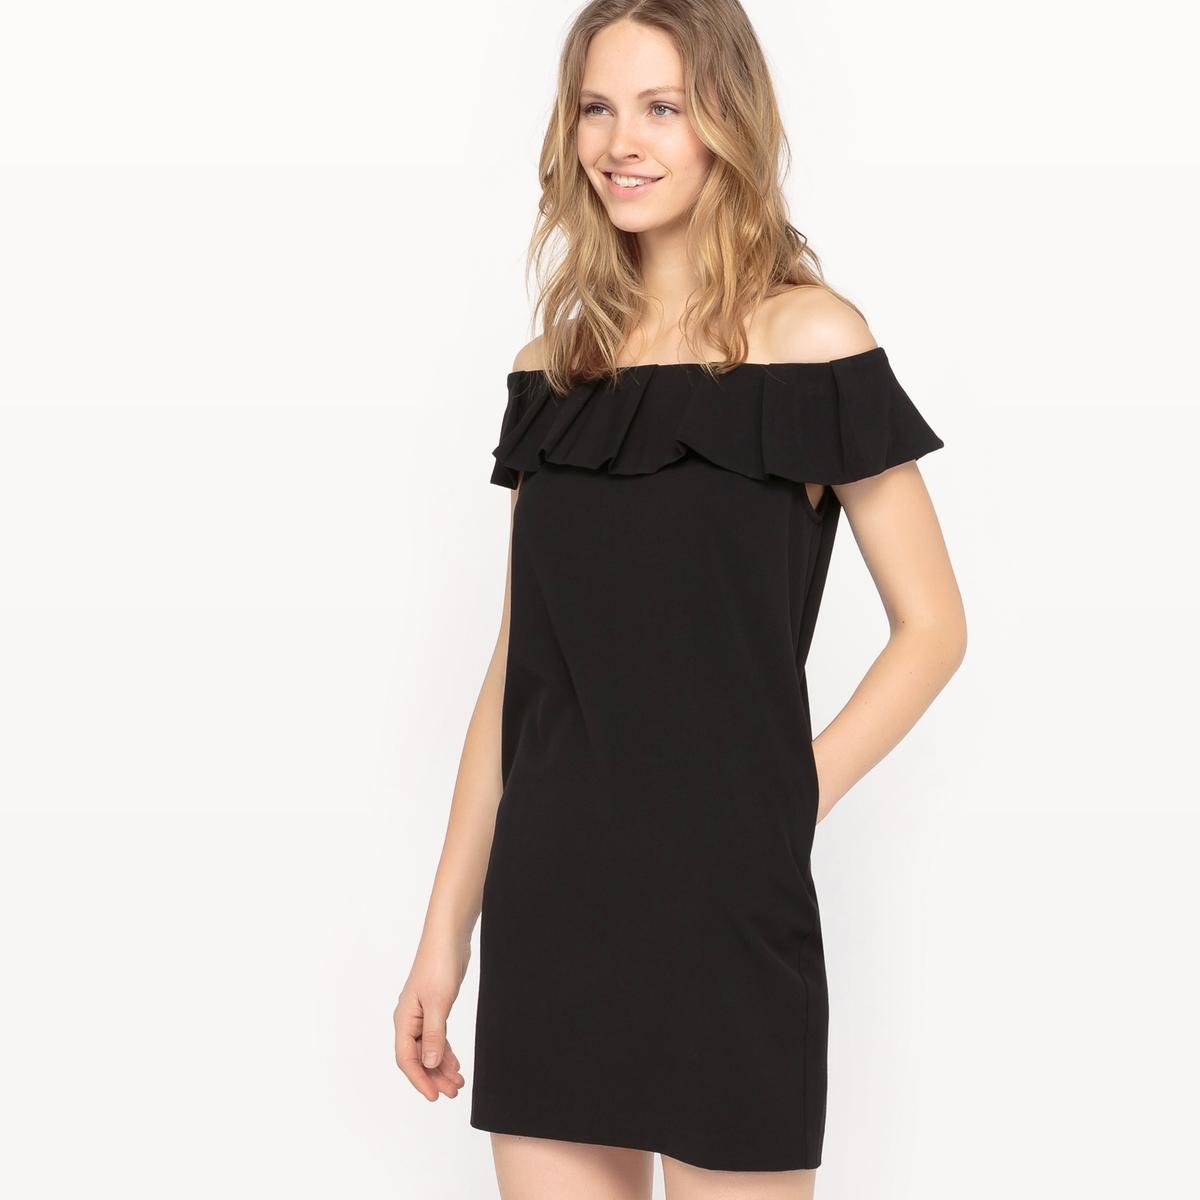 Платье с открытыми плечами и воланамиДетали  •  Форма :прямая •  Укороченная модель •  Короткие рукава    •  Без воротникаСостав и уход •  25% вискозы, 3% эластана, 72% полиэстера •  Подкладка:100% хлопок •  Следуйте советам по уходу, указанным на этикетке<br><br>Цвет: черный<br>Размер: L.M